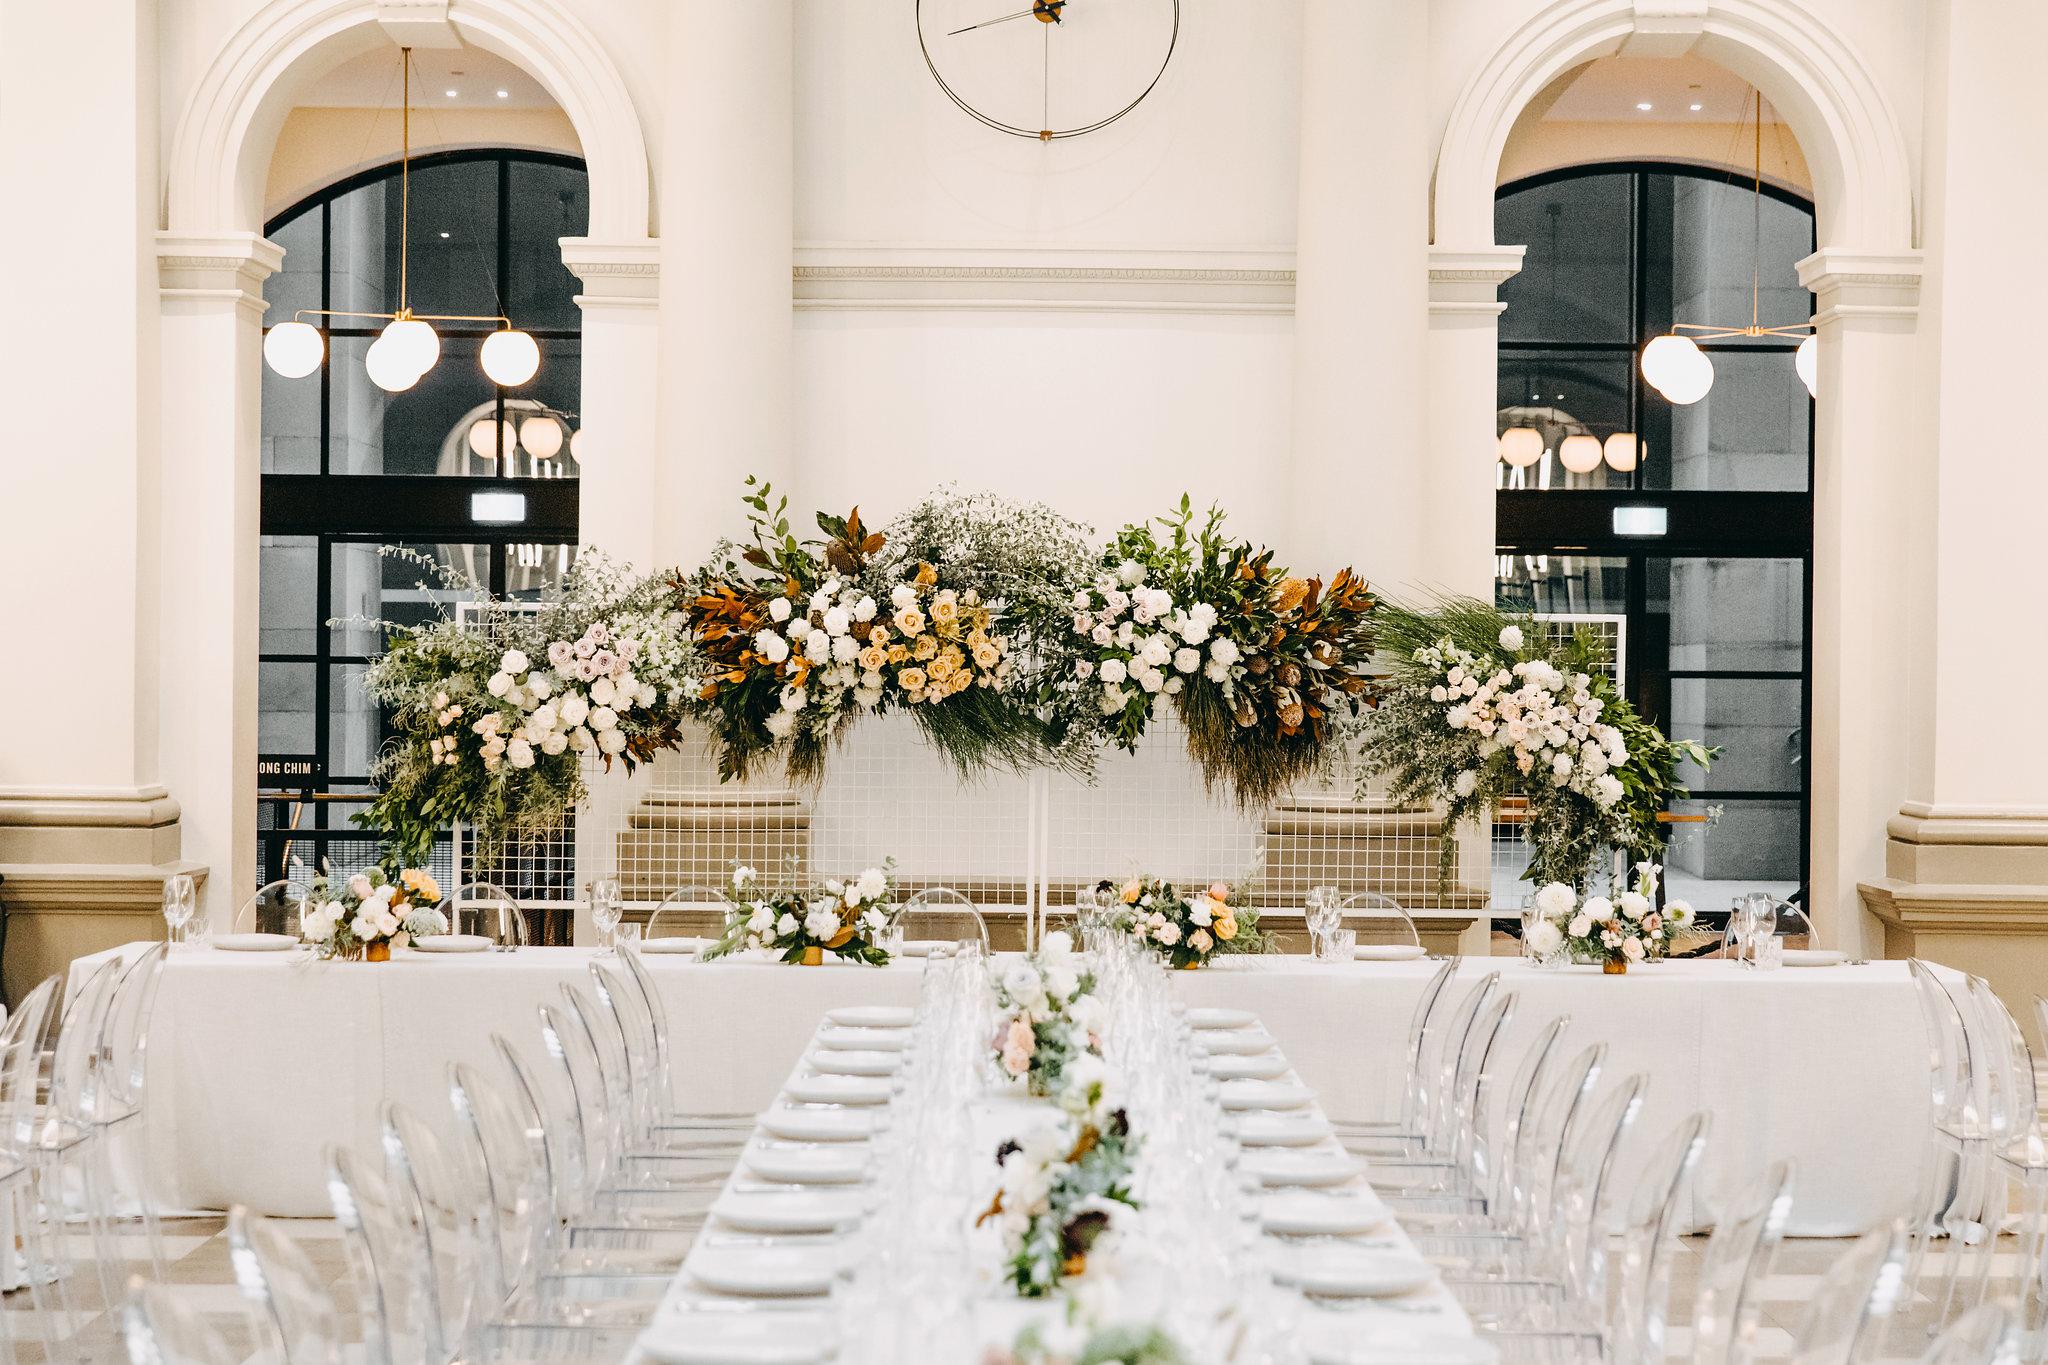 WEDDINGOPENDAY-STATEBUILDINGS-APR2018-2